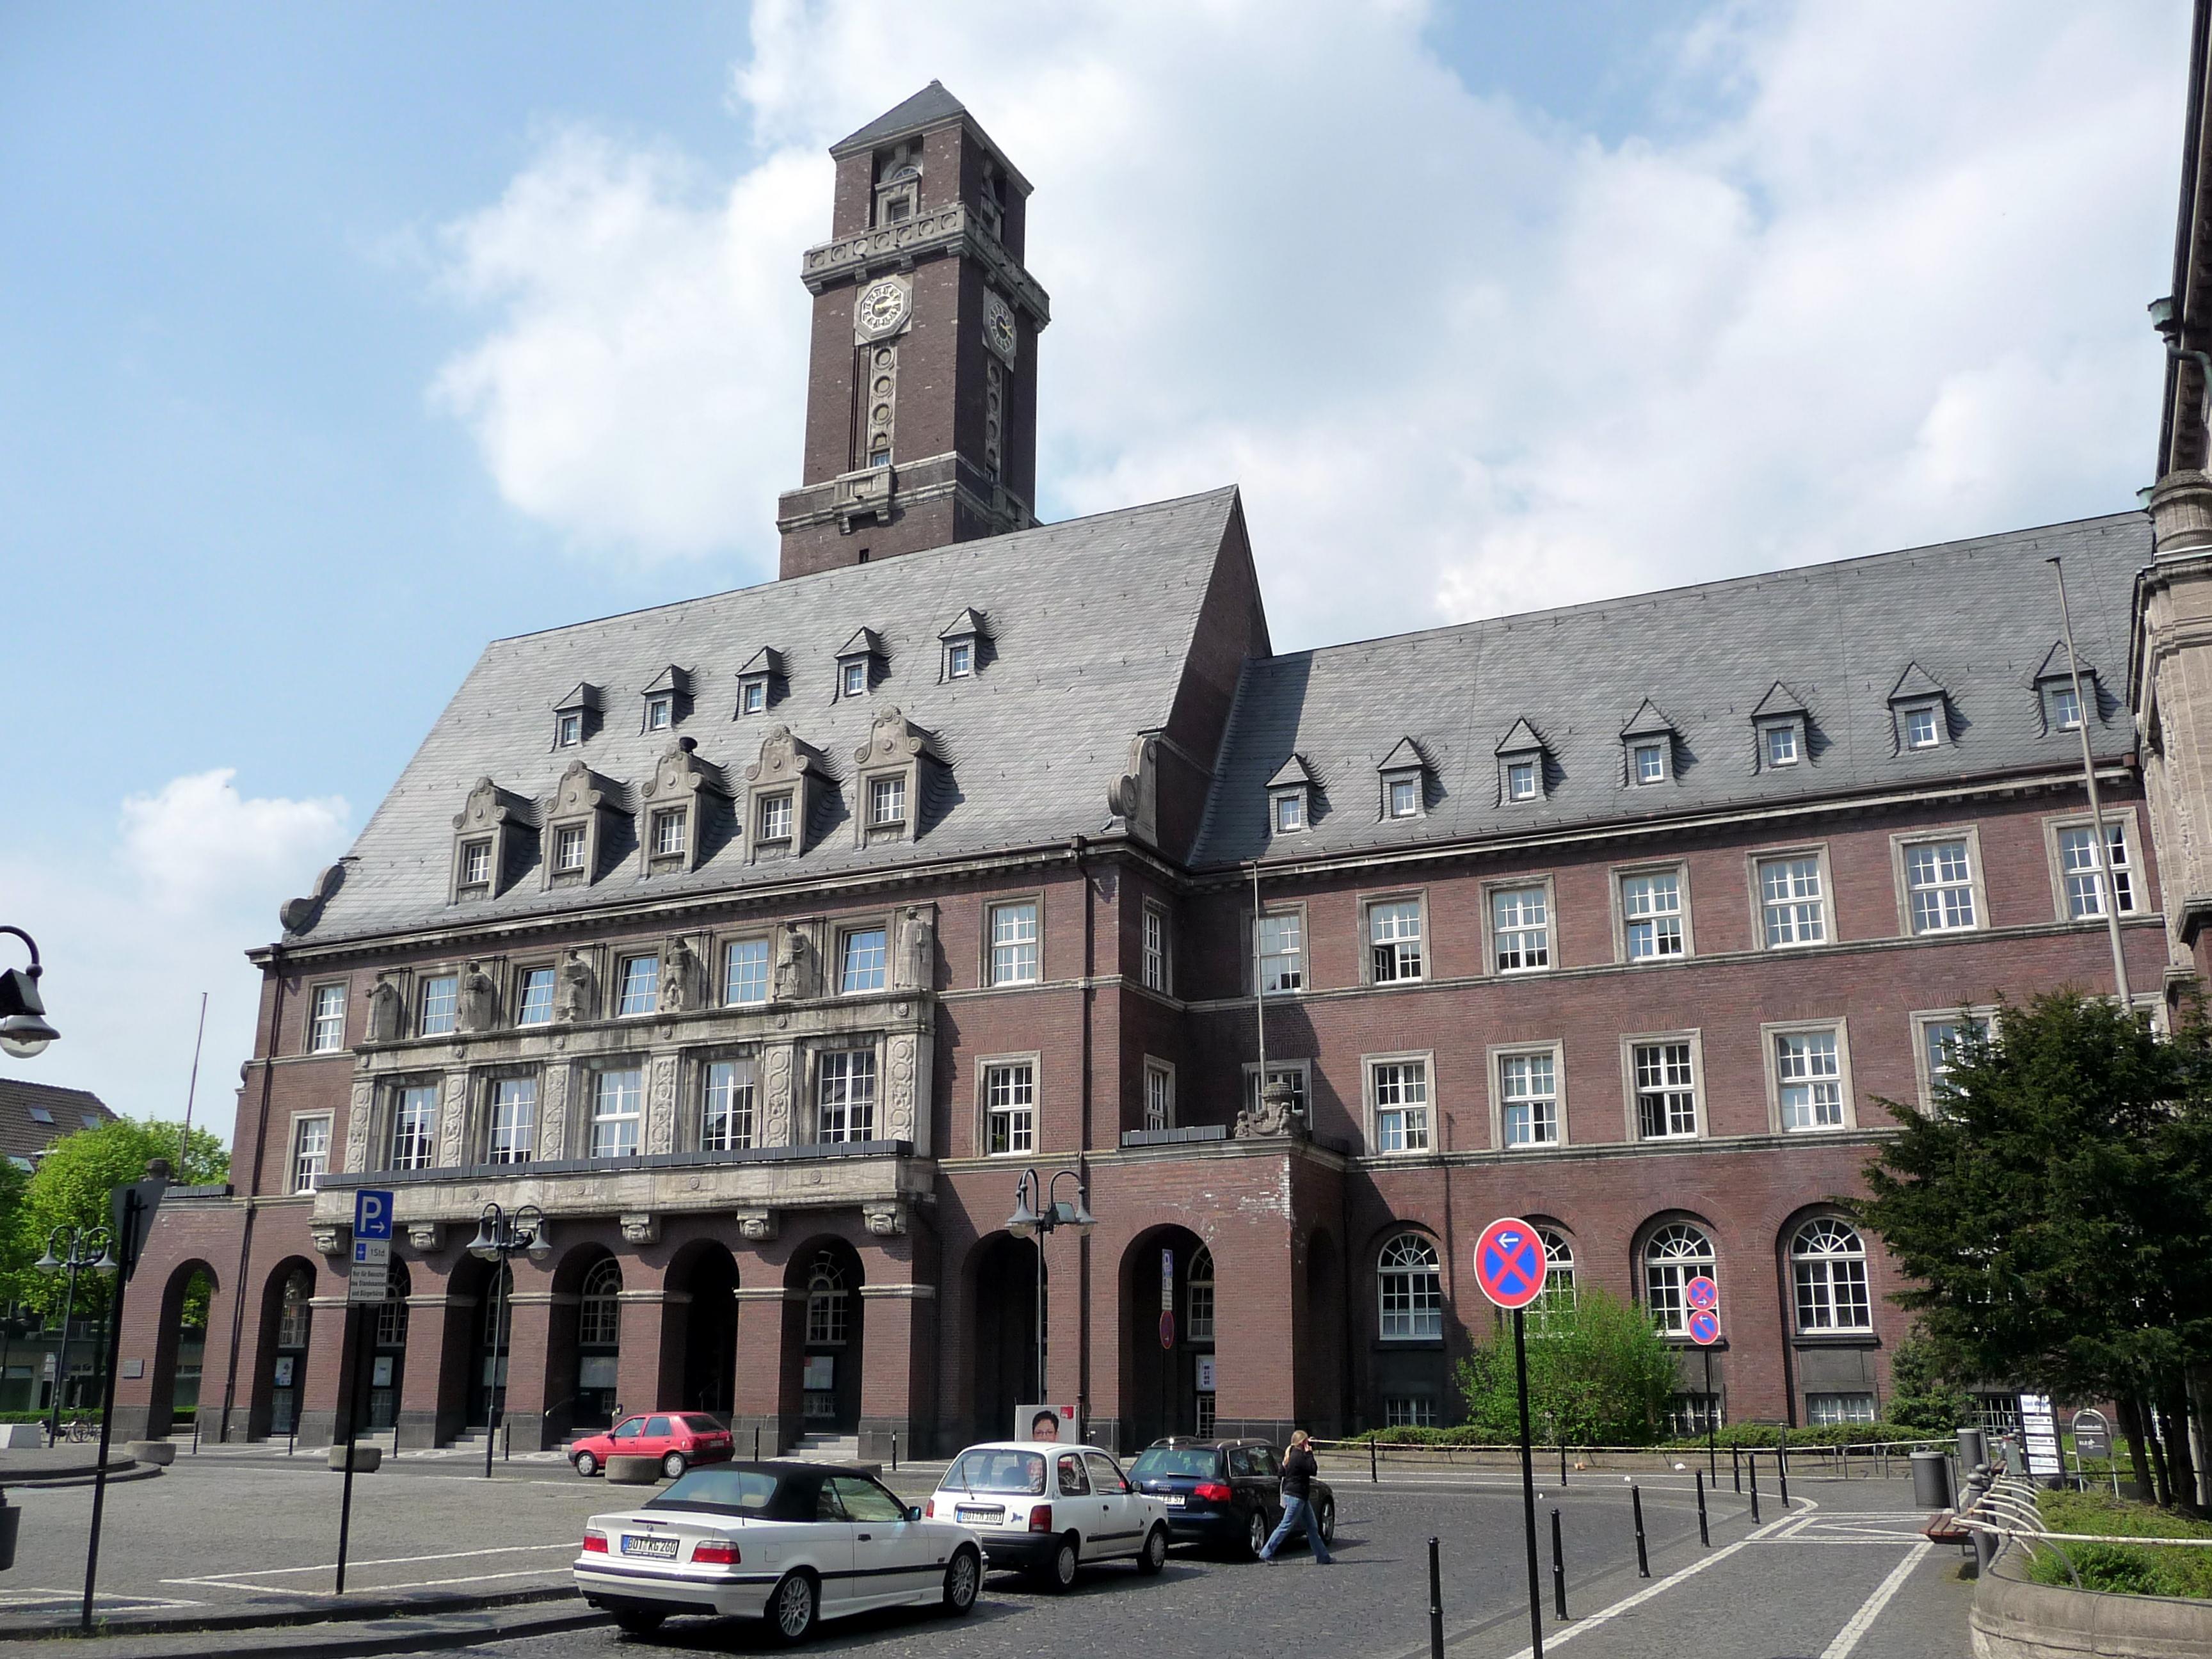 2010-04-27_%E2%80%93_Bottrop_%E2%80%93_Rathaus_1_-_panoramio.jpg